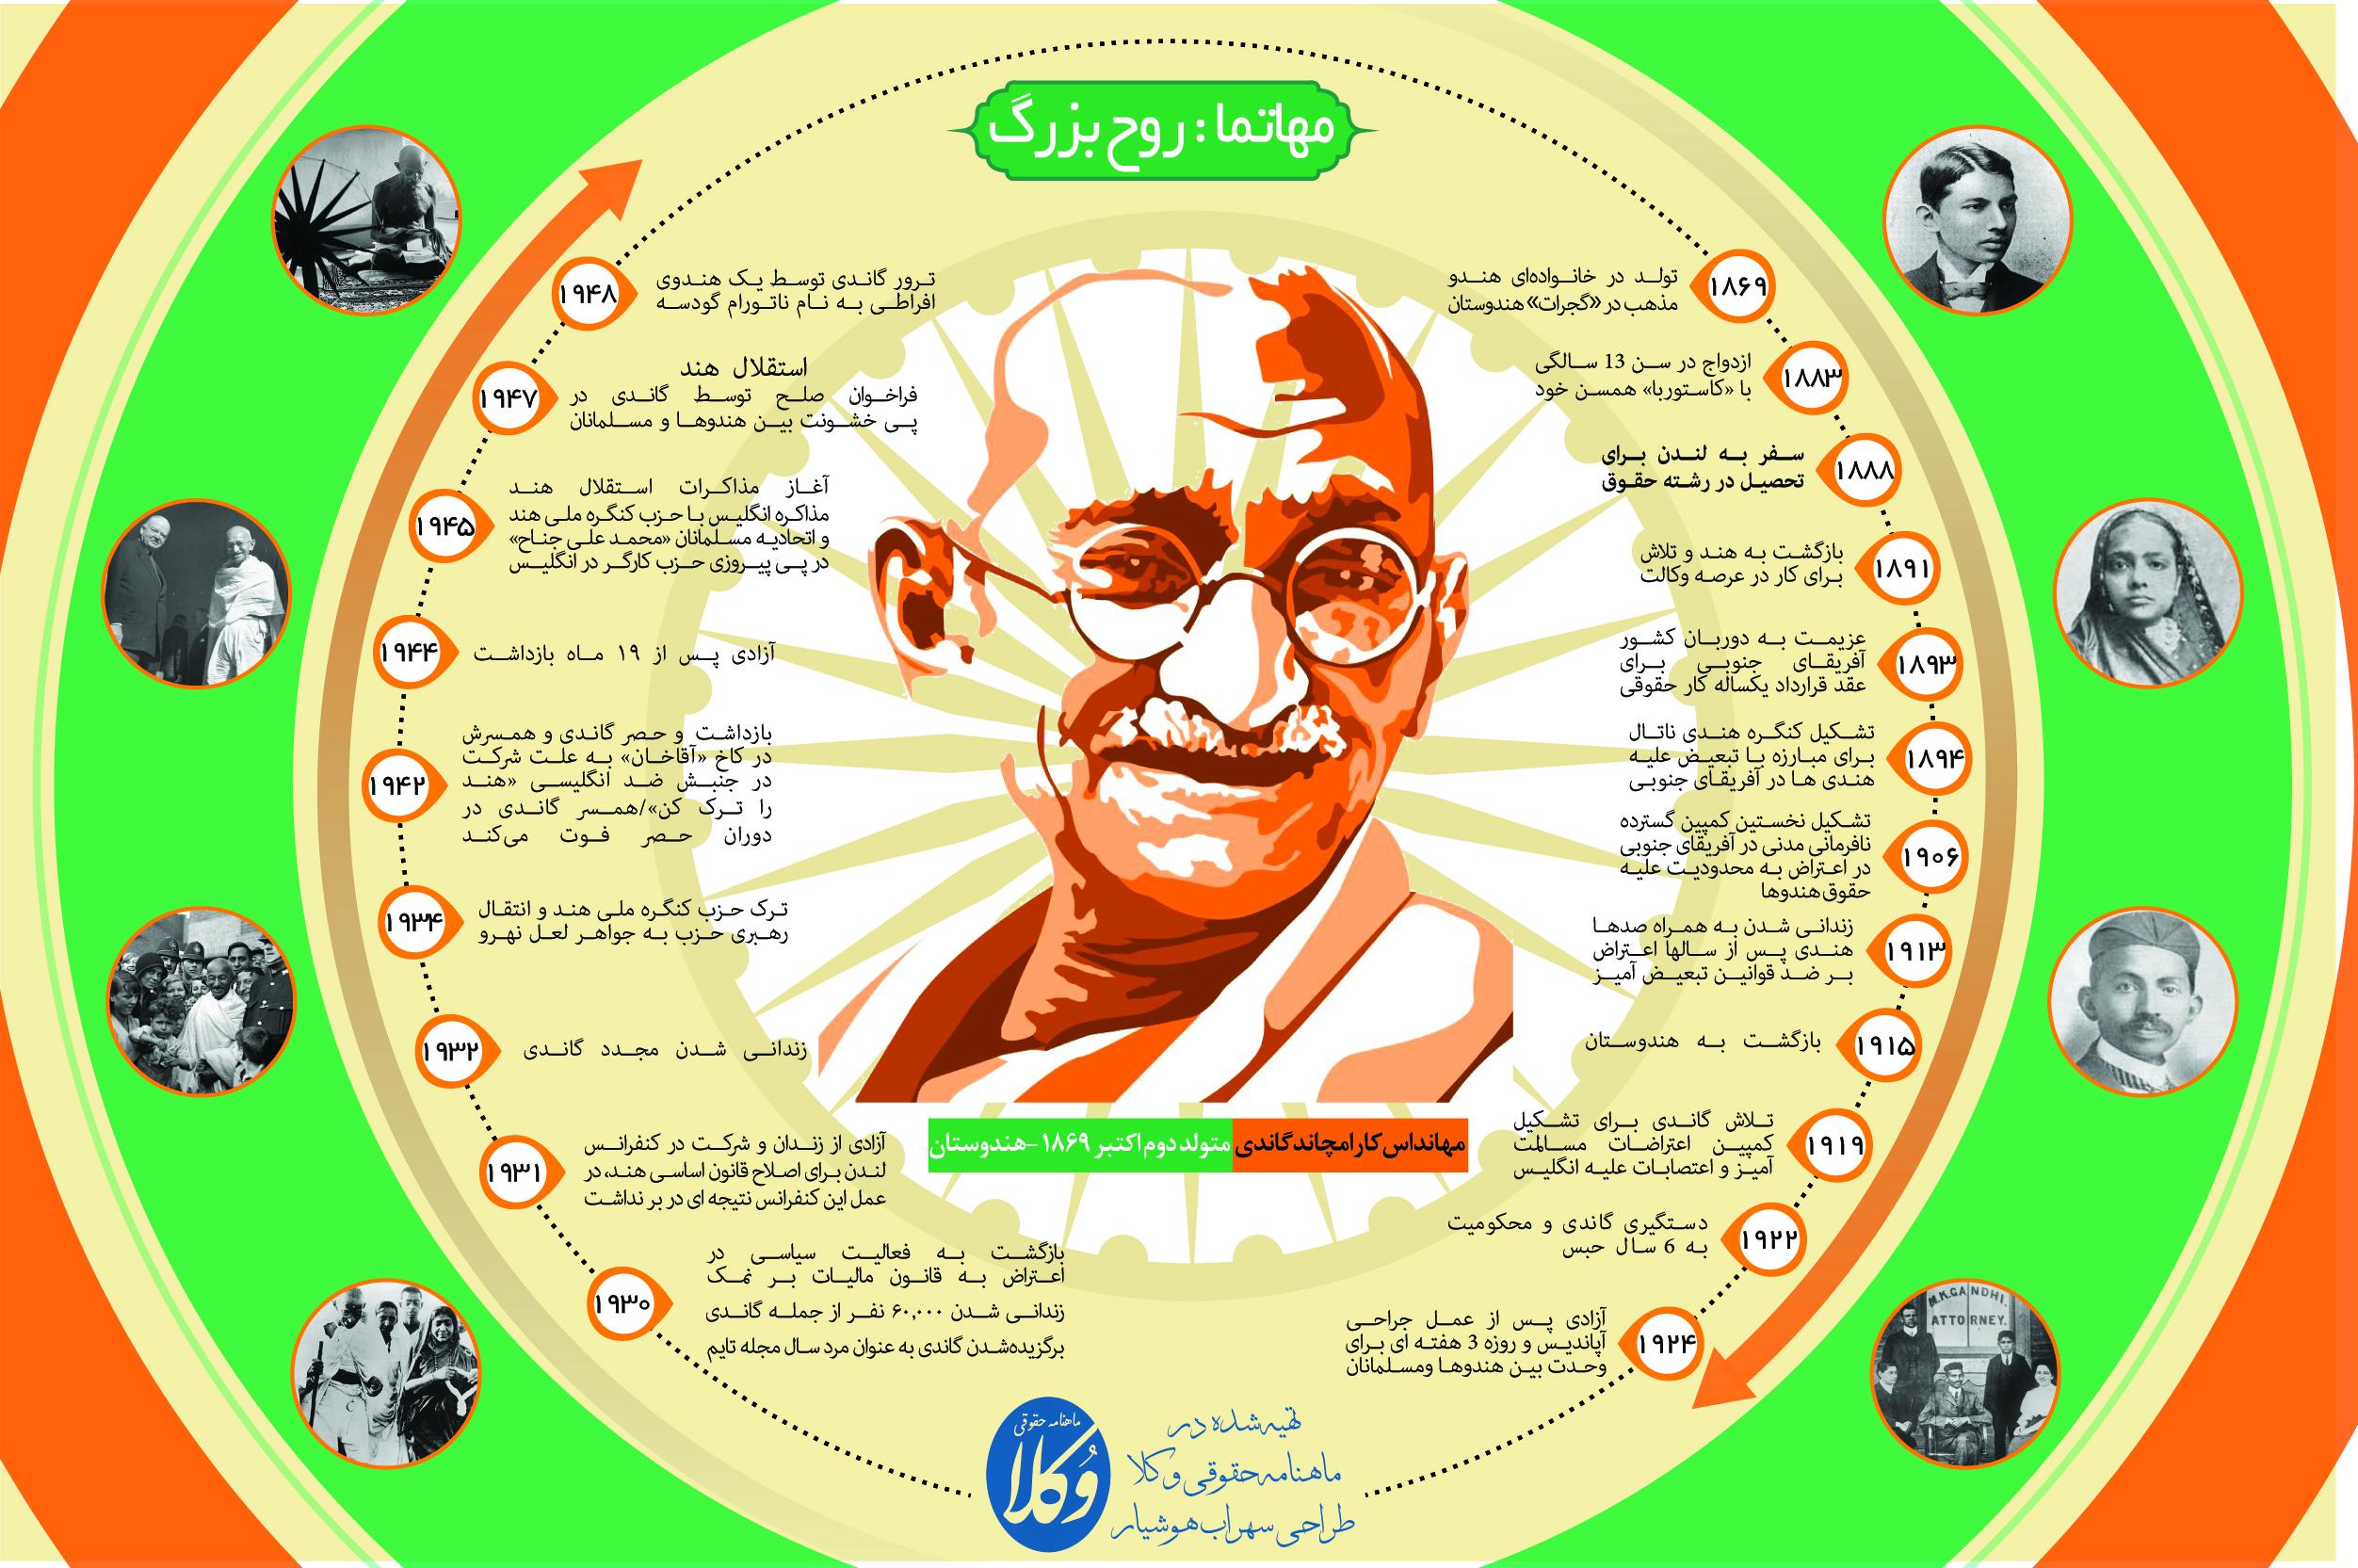 تصویر از گاندی ؛ وکیلی که «پدر ملت» شد